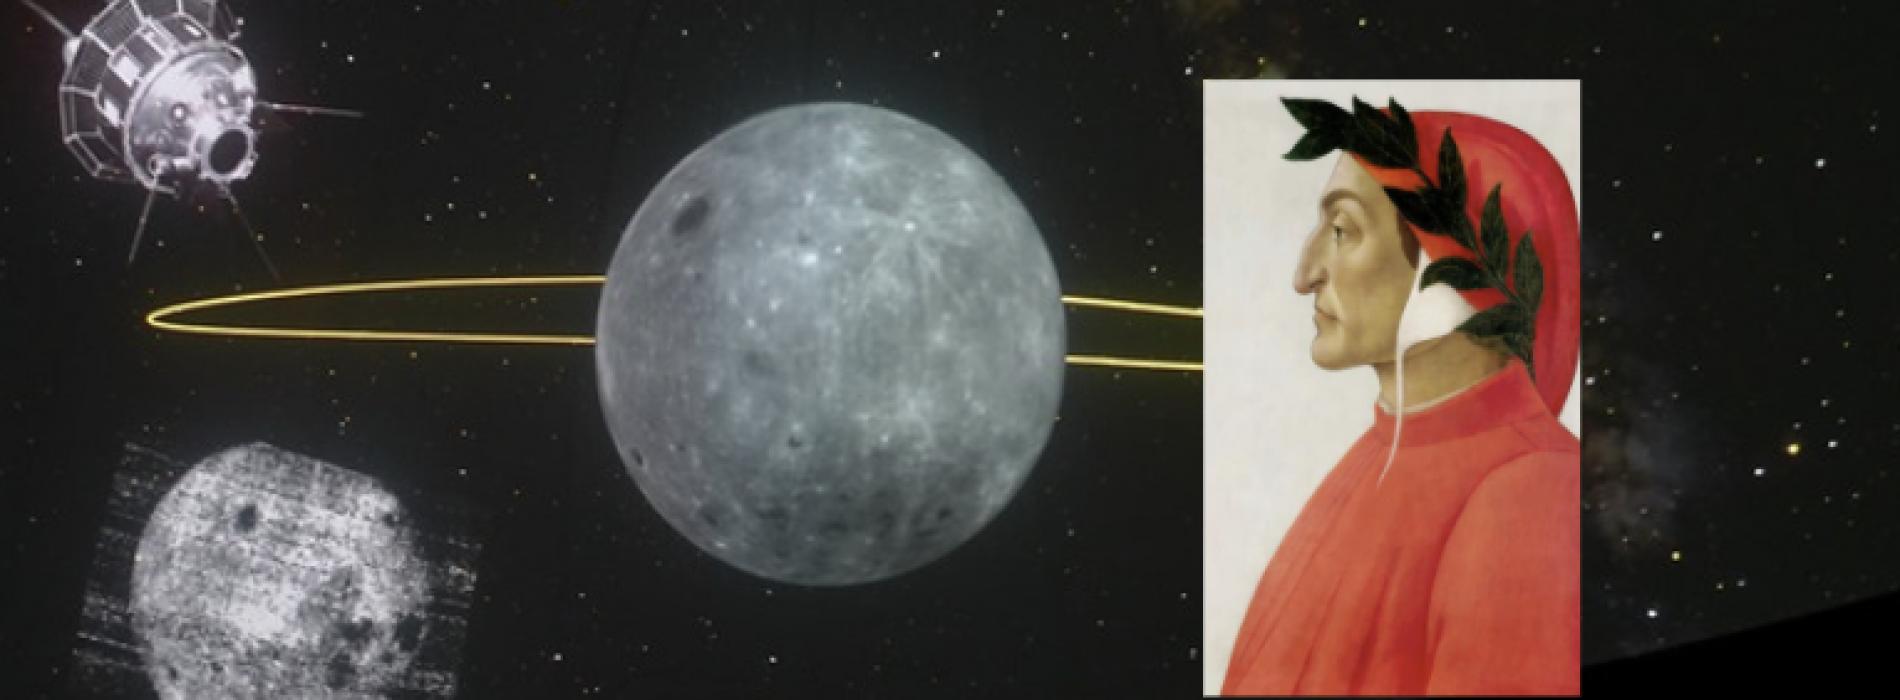 L'astronomia al tempo di Dante. Che spettacolo al Planetario!